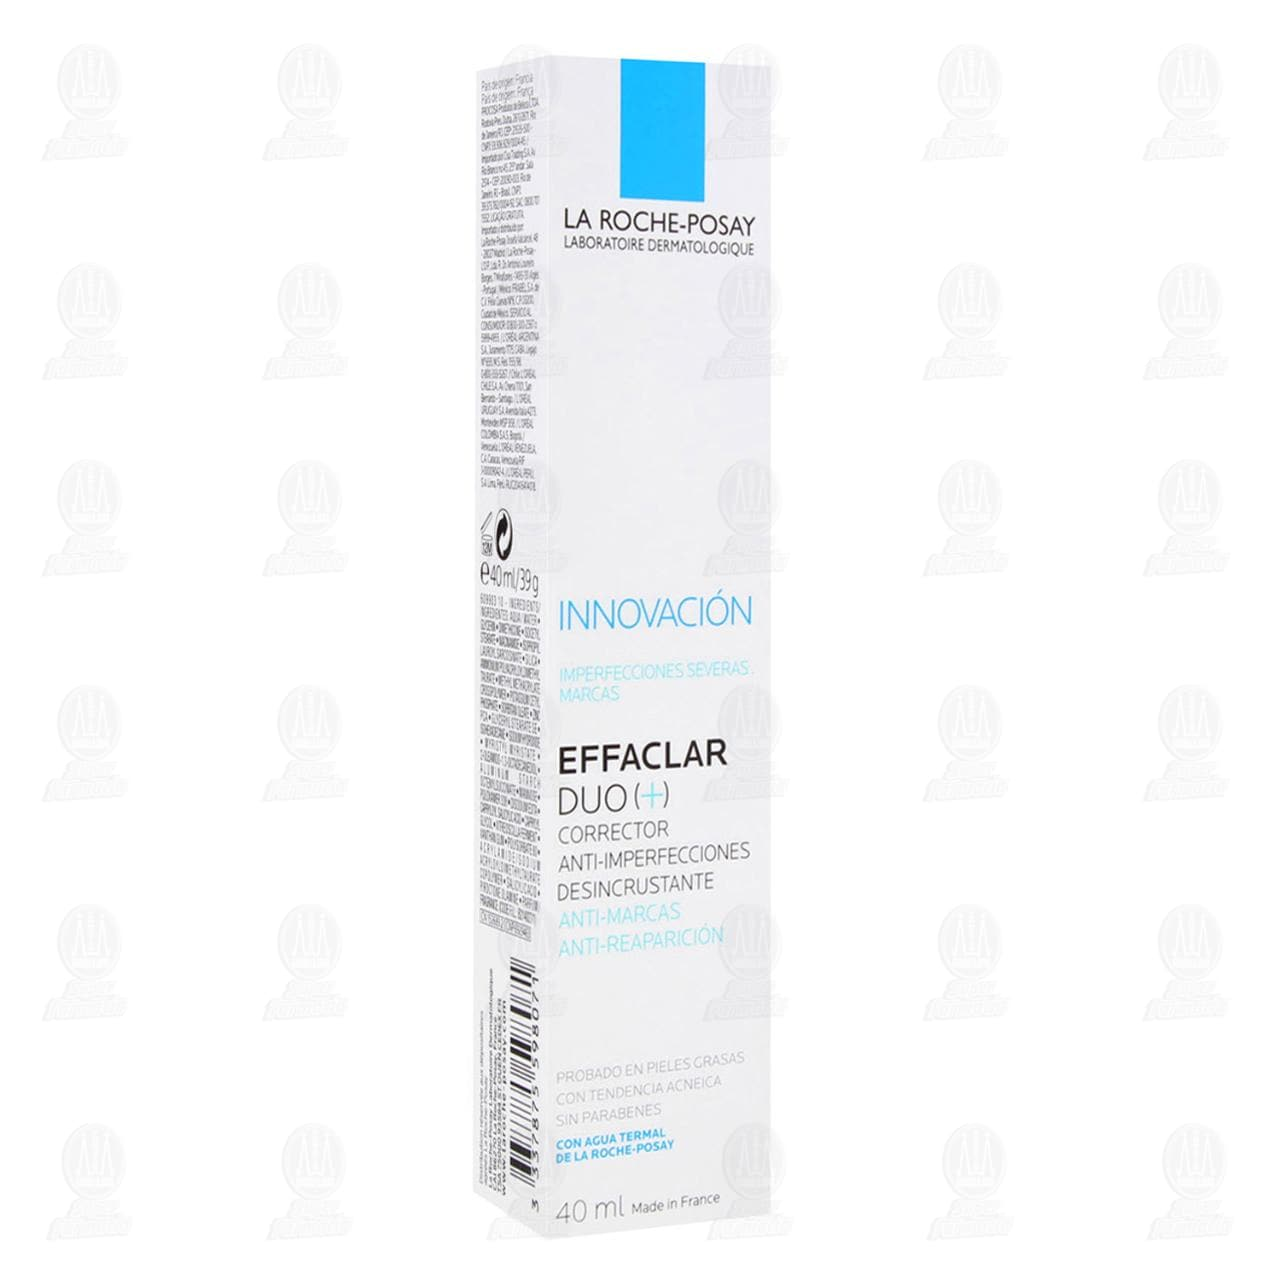 Comprar La Roche Posay Effaclar DUO (+) Corrector Anti-Imperfecciones Desincrustante, 40 ml. en Farmacias Guadalajara